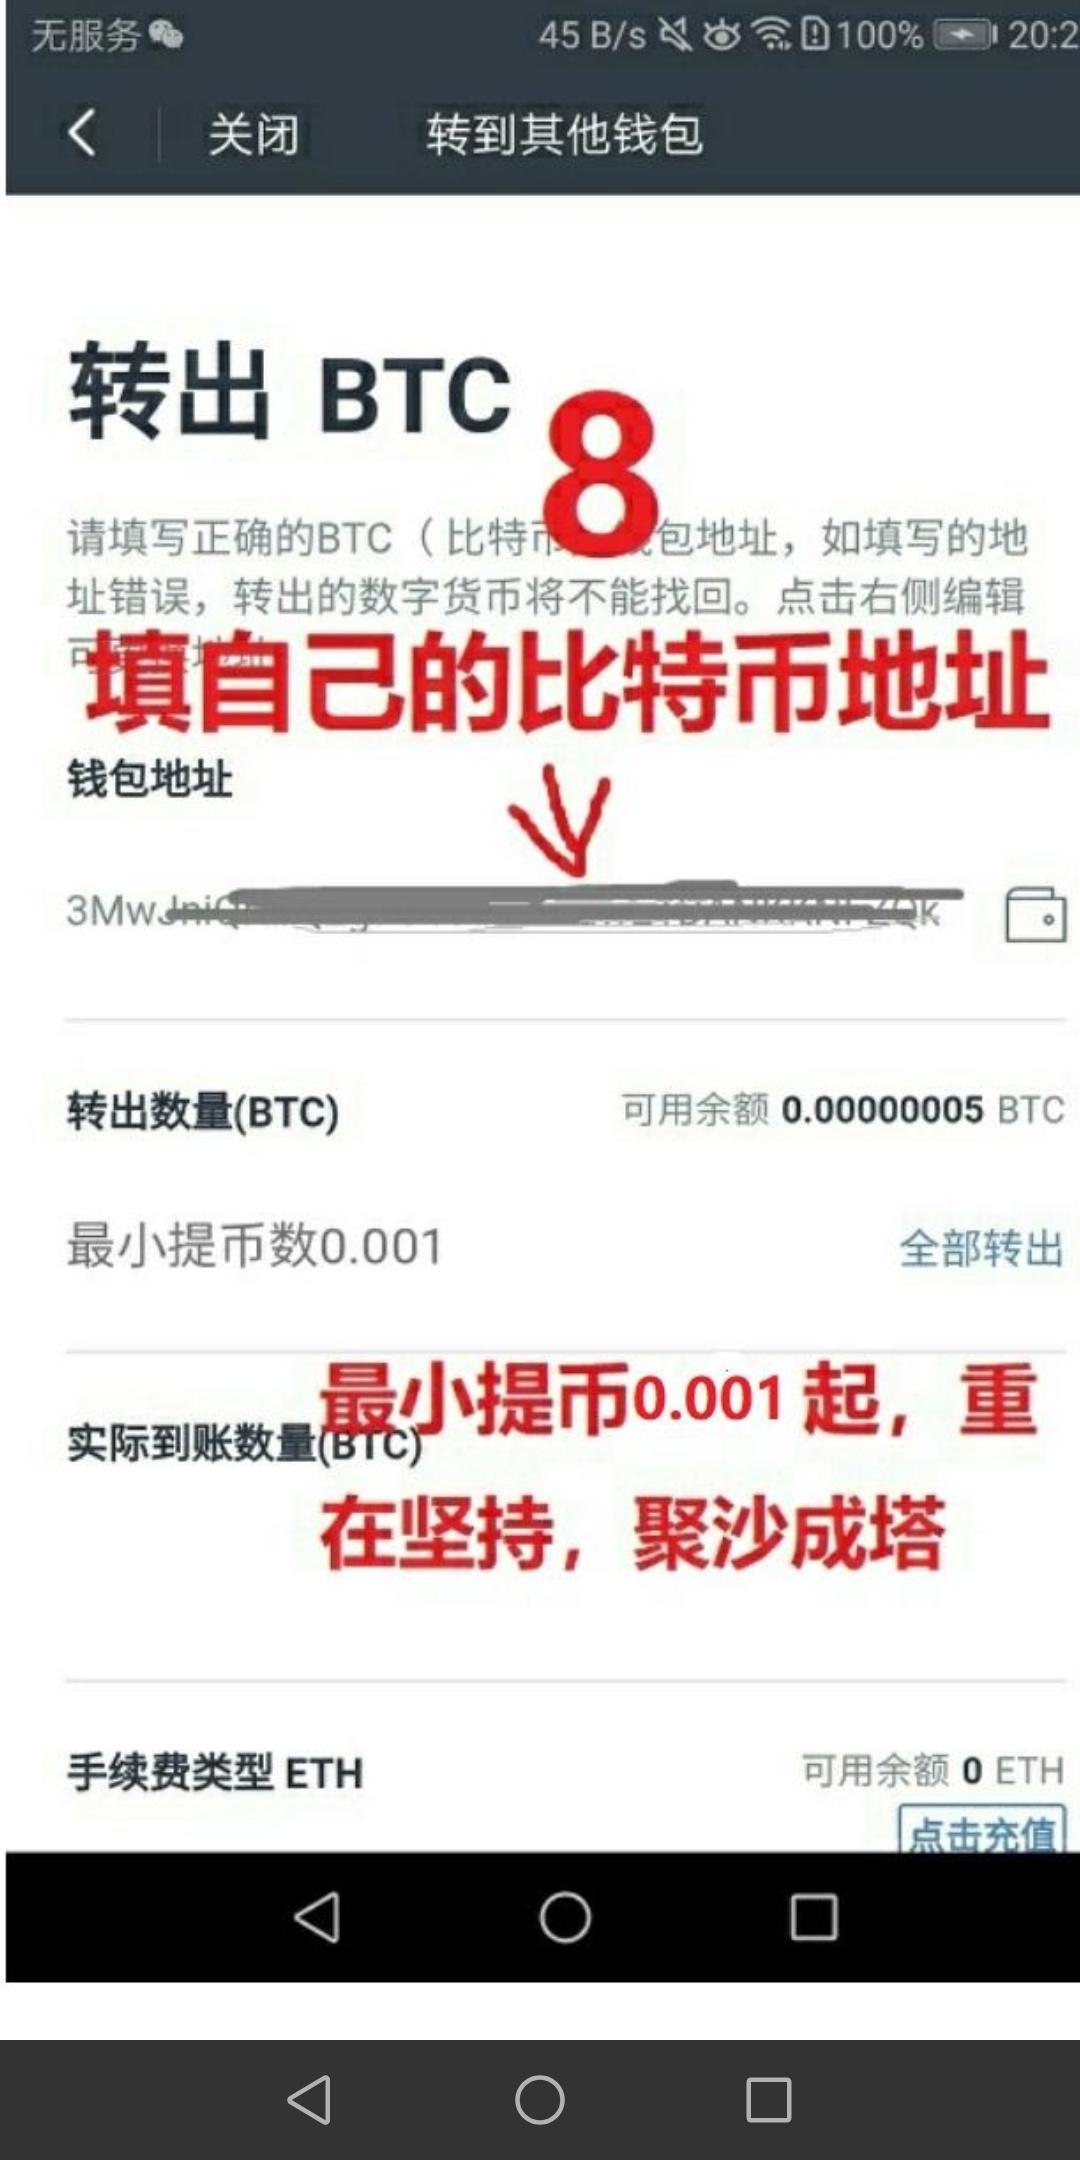 图片[4]-比特达人_到账0.0055BTC【价值1800】,附免费挖BTC及变现教程。-首码社